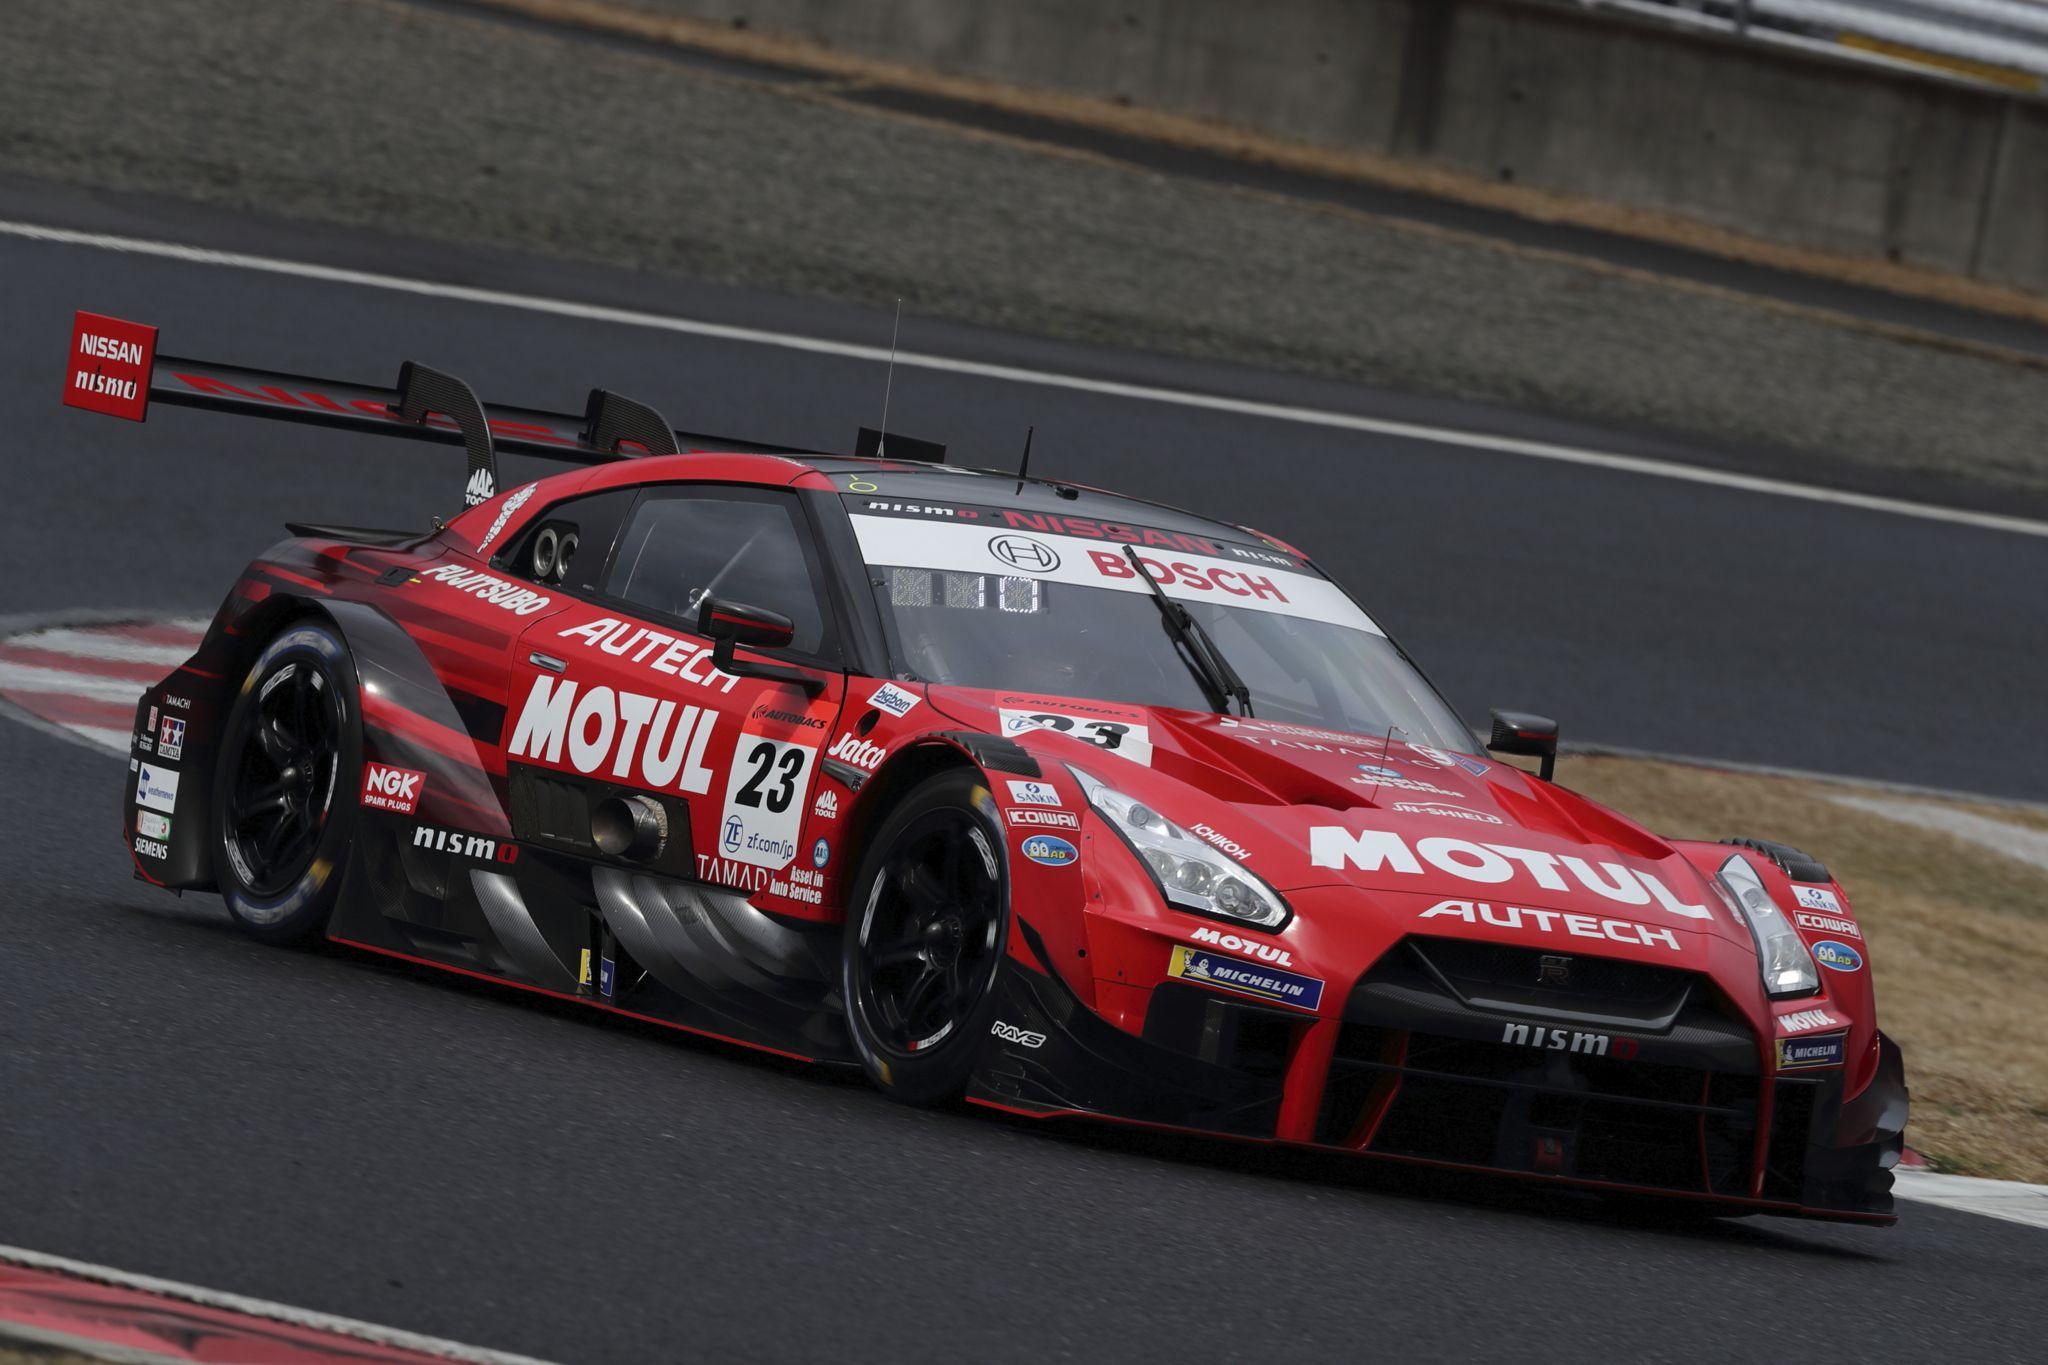 Nismo 10 3 4 S Gt Rd 5 Fsw On Twitter In 2020 Race Cars Nissan Gt R New Luxury Cars